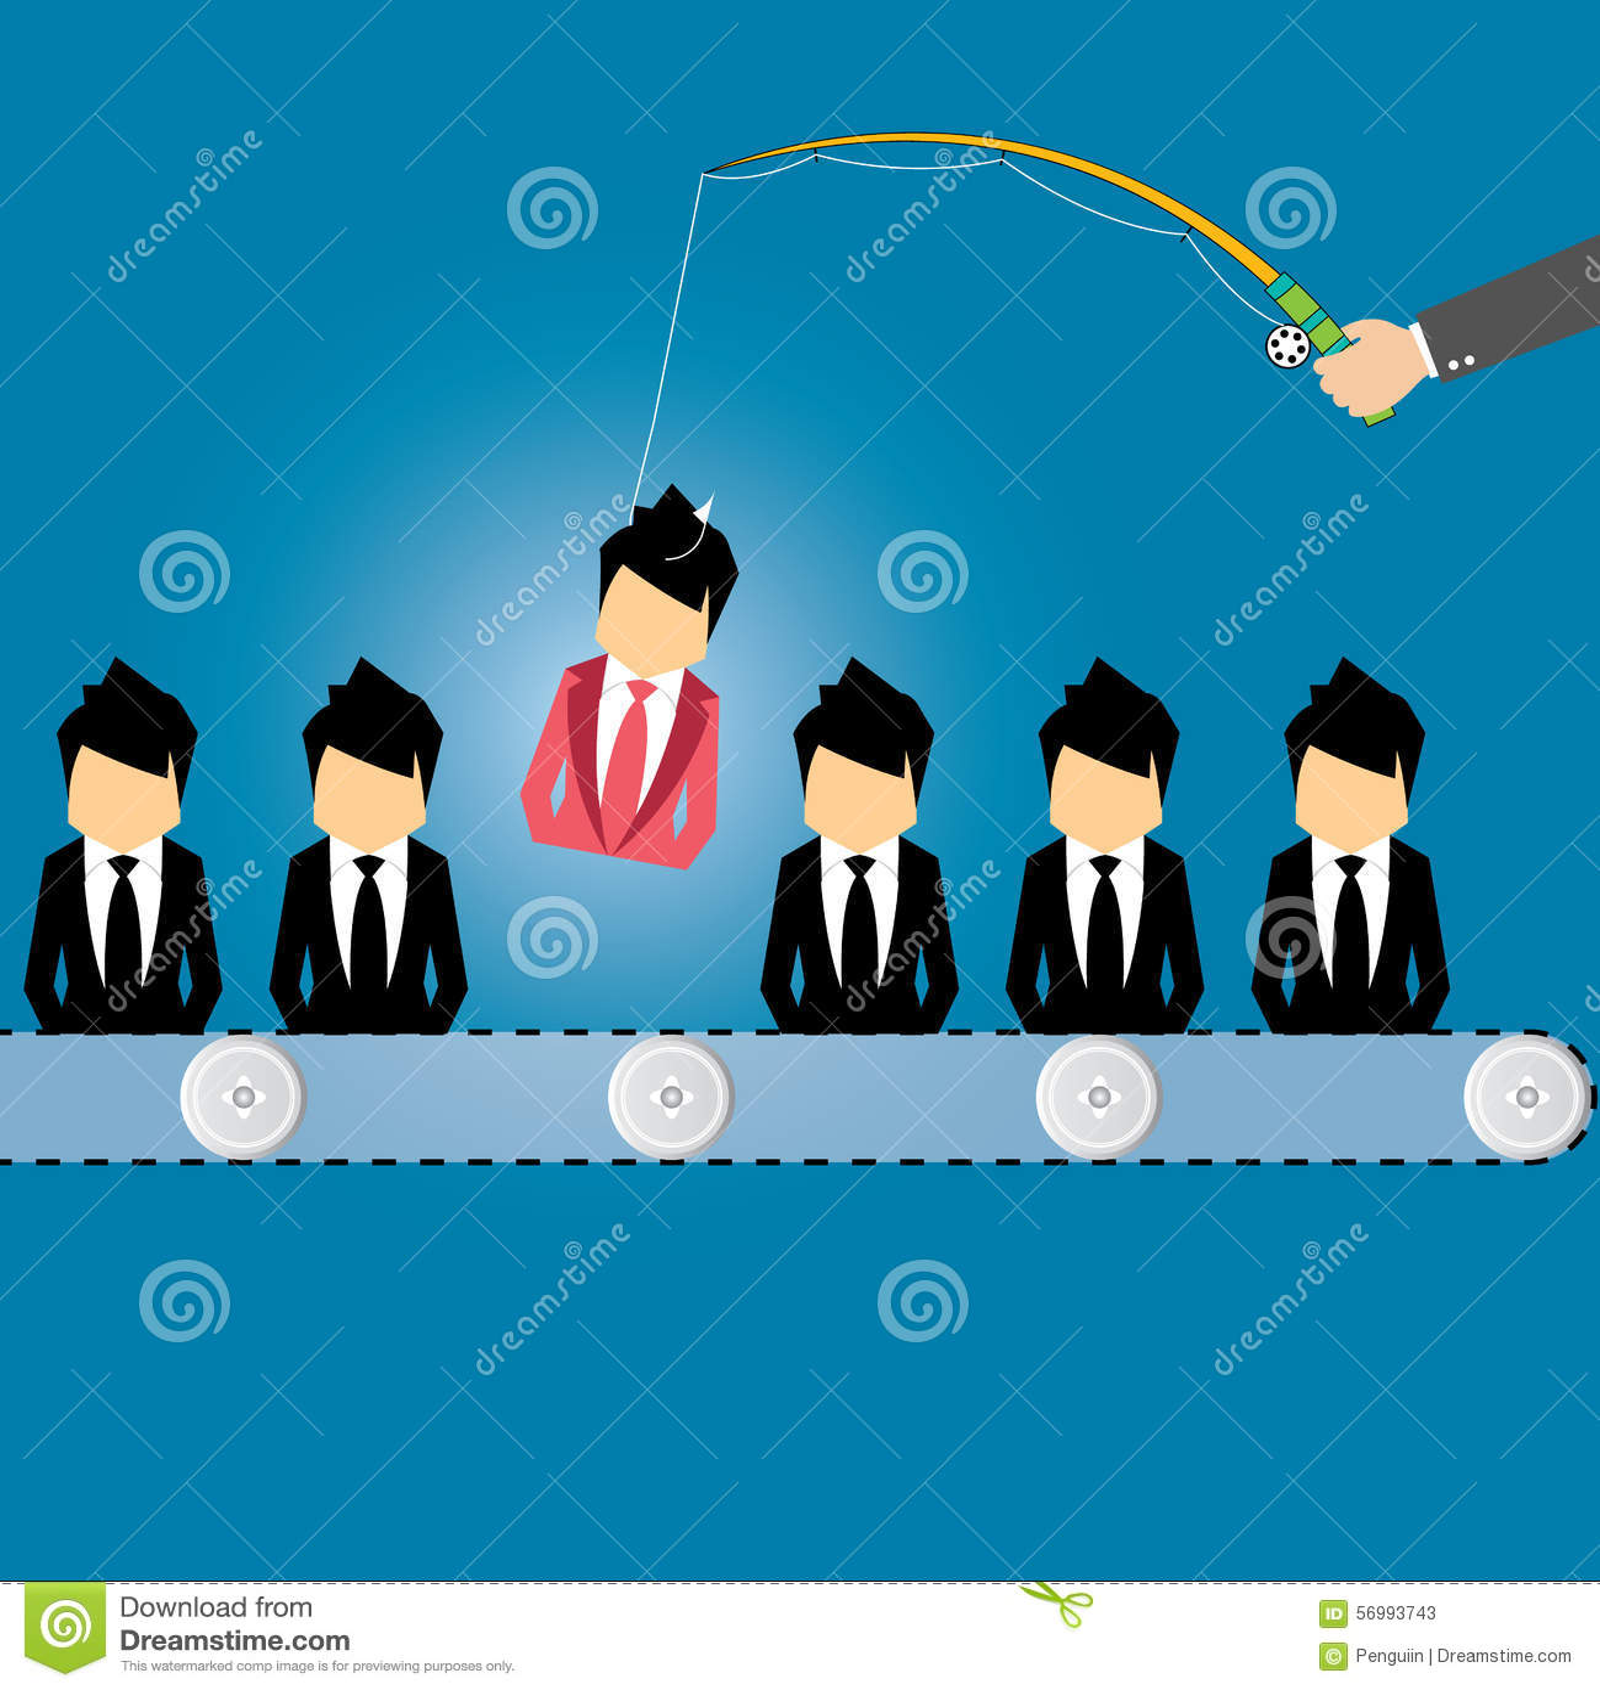 concept of personnel management pdf